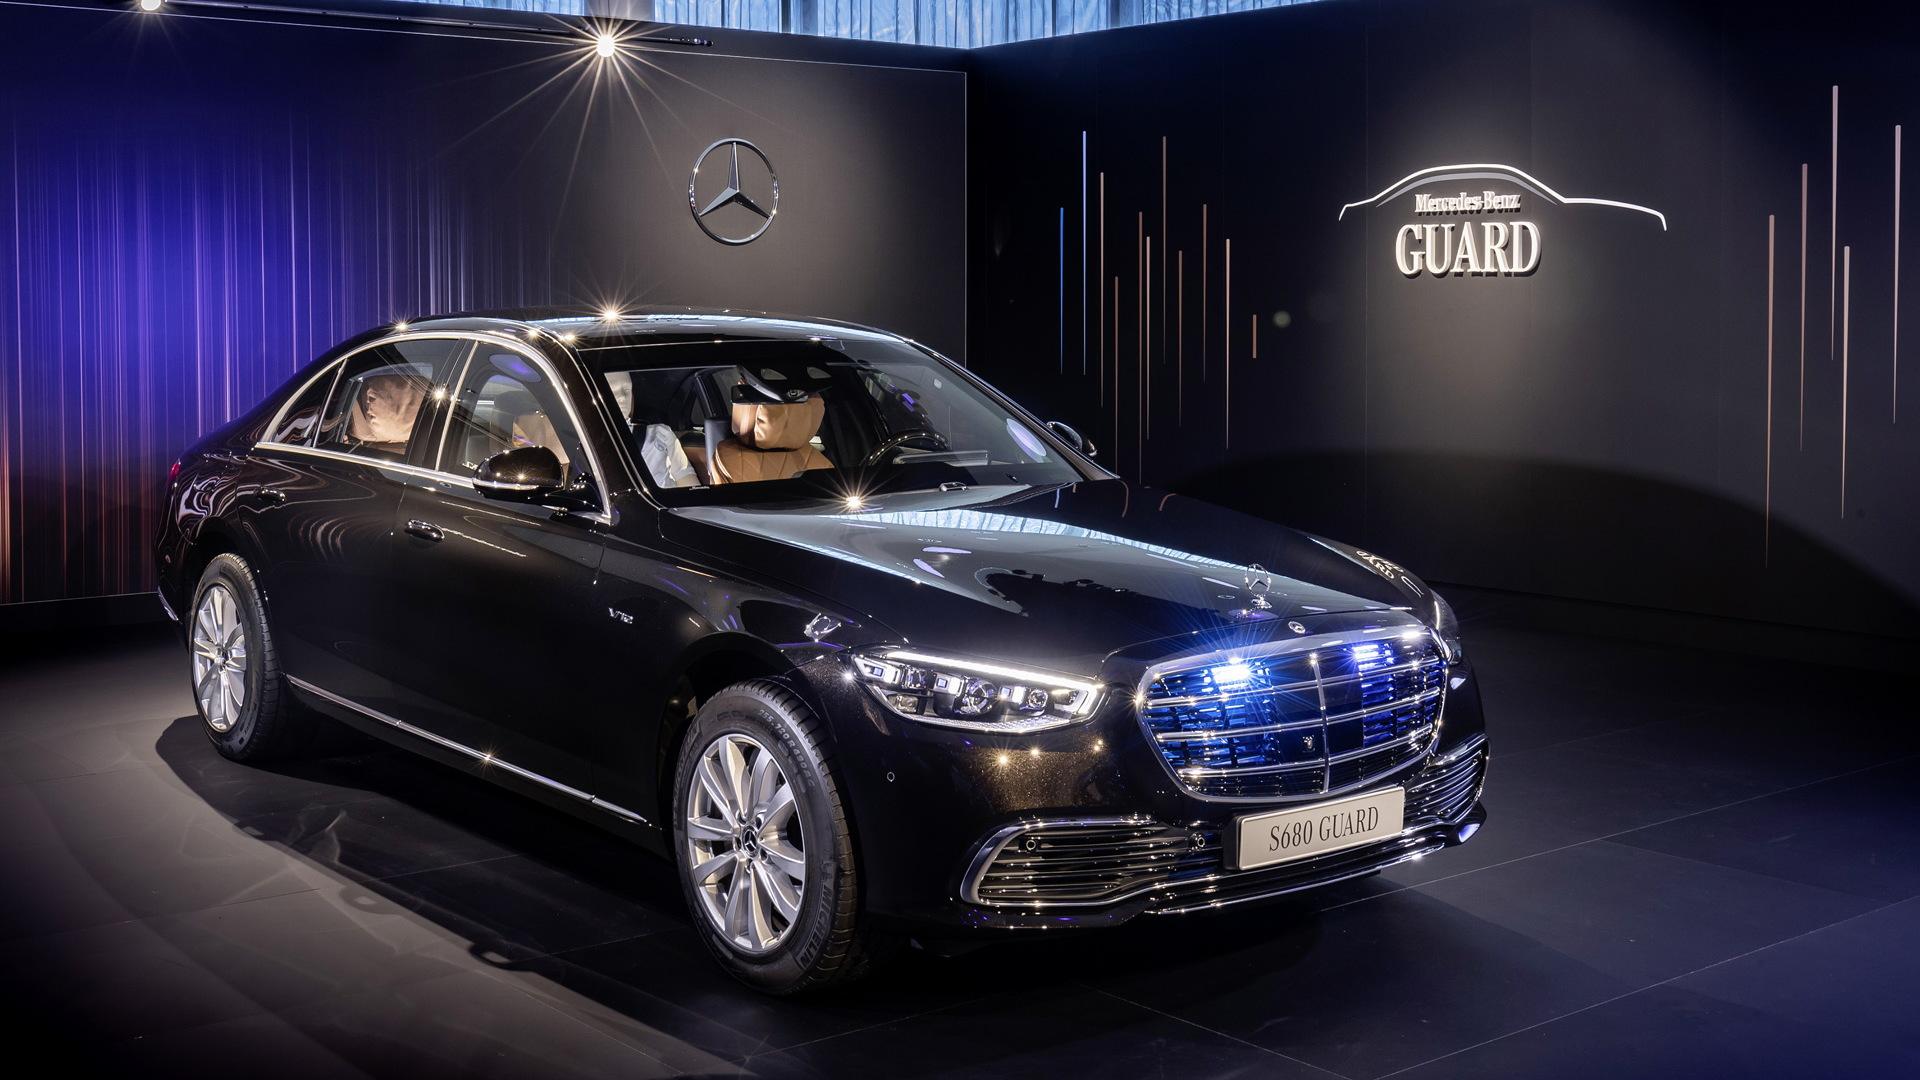 2021 Mercedes-Benz S-Class Guard